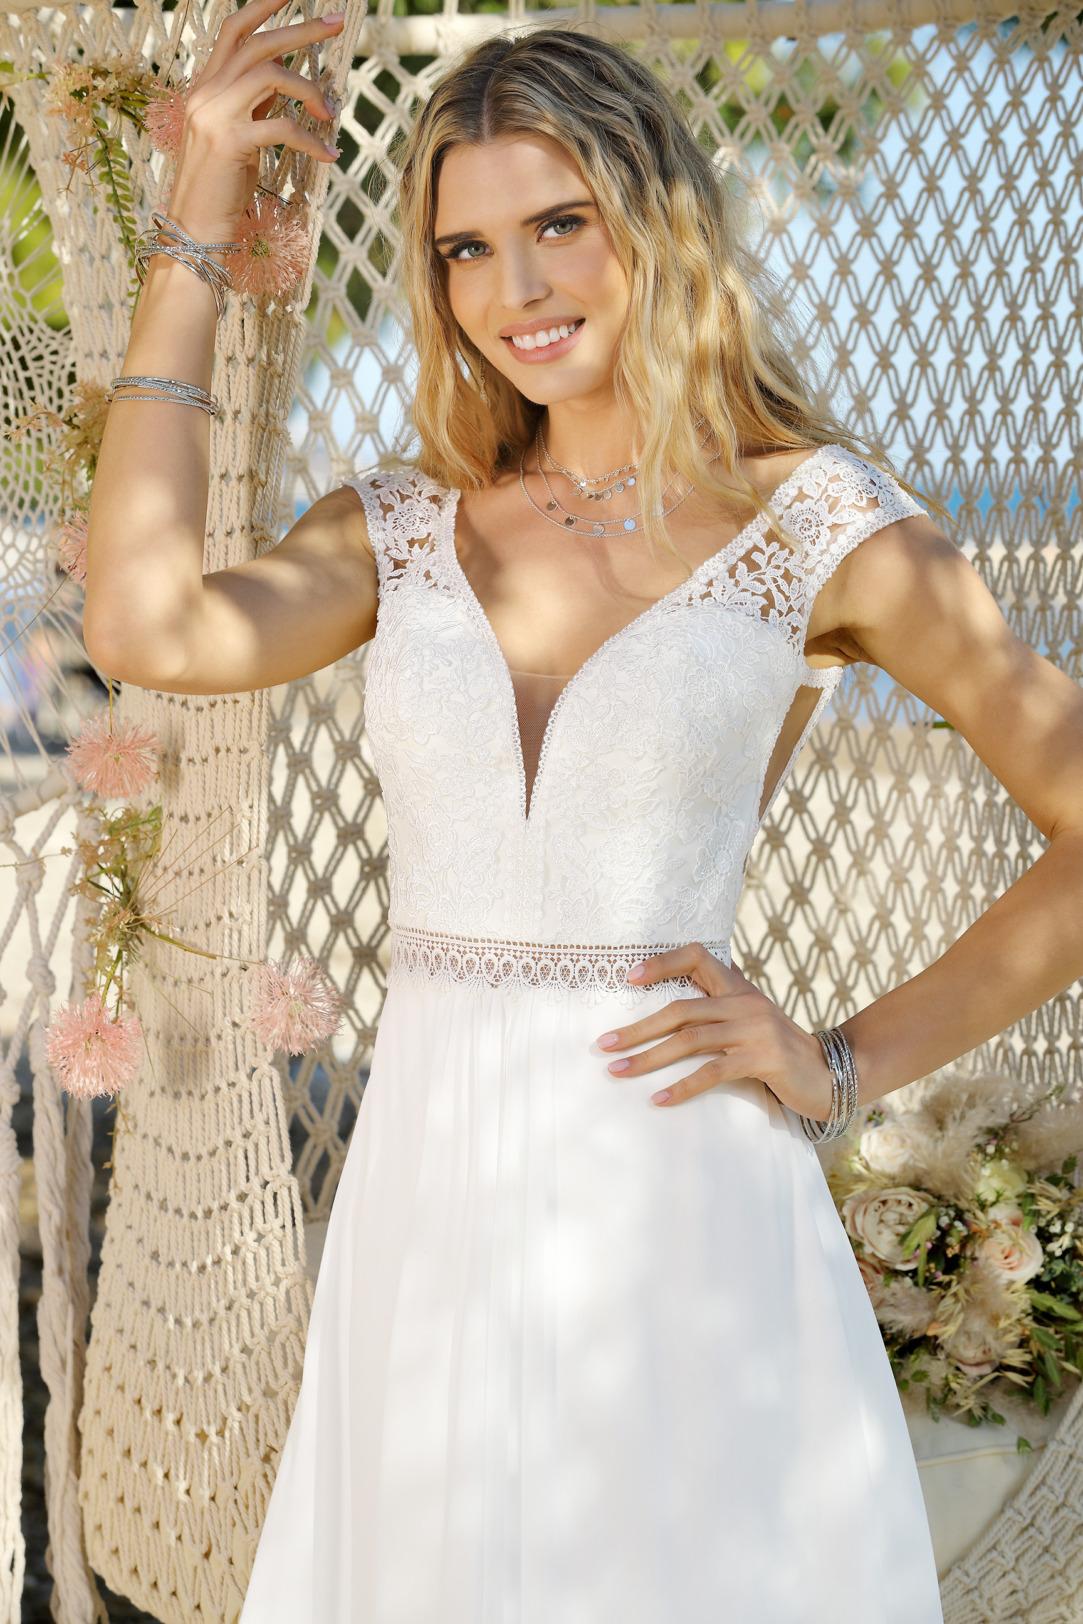 Brautkleider Hochzeitskleider im Vintage Boho Stil von Ladybird Modell 421030 mit V Ausschnitt und feinster Spitze breite Träger seitlichen Cut outs Detailansicht